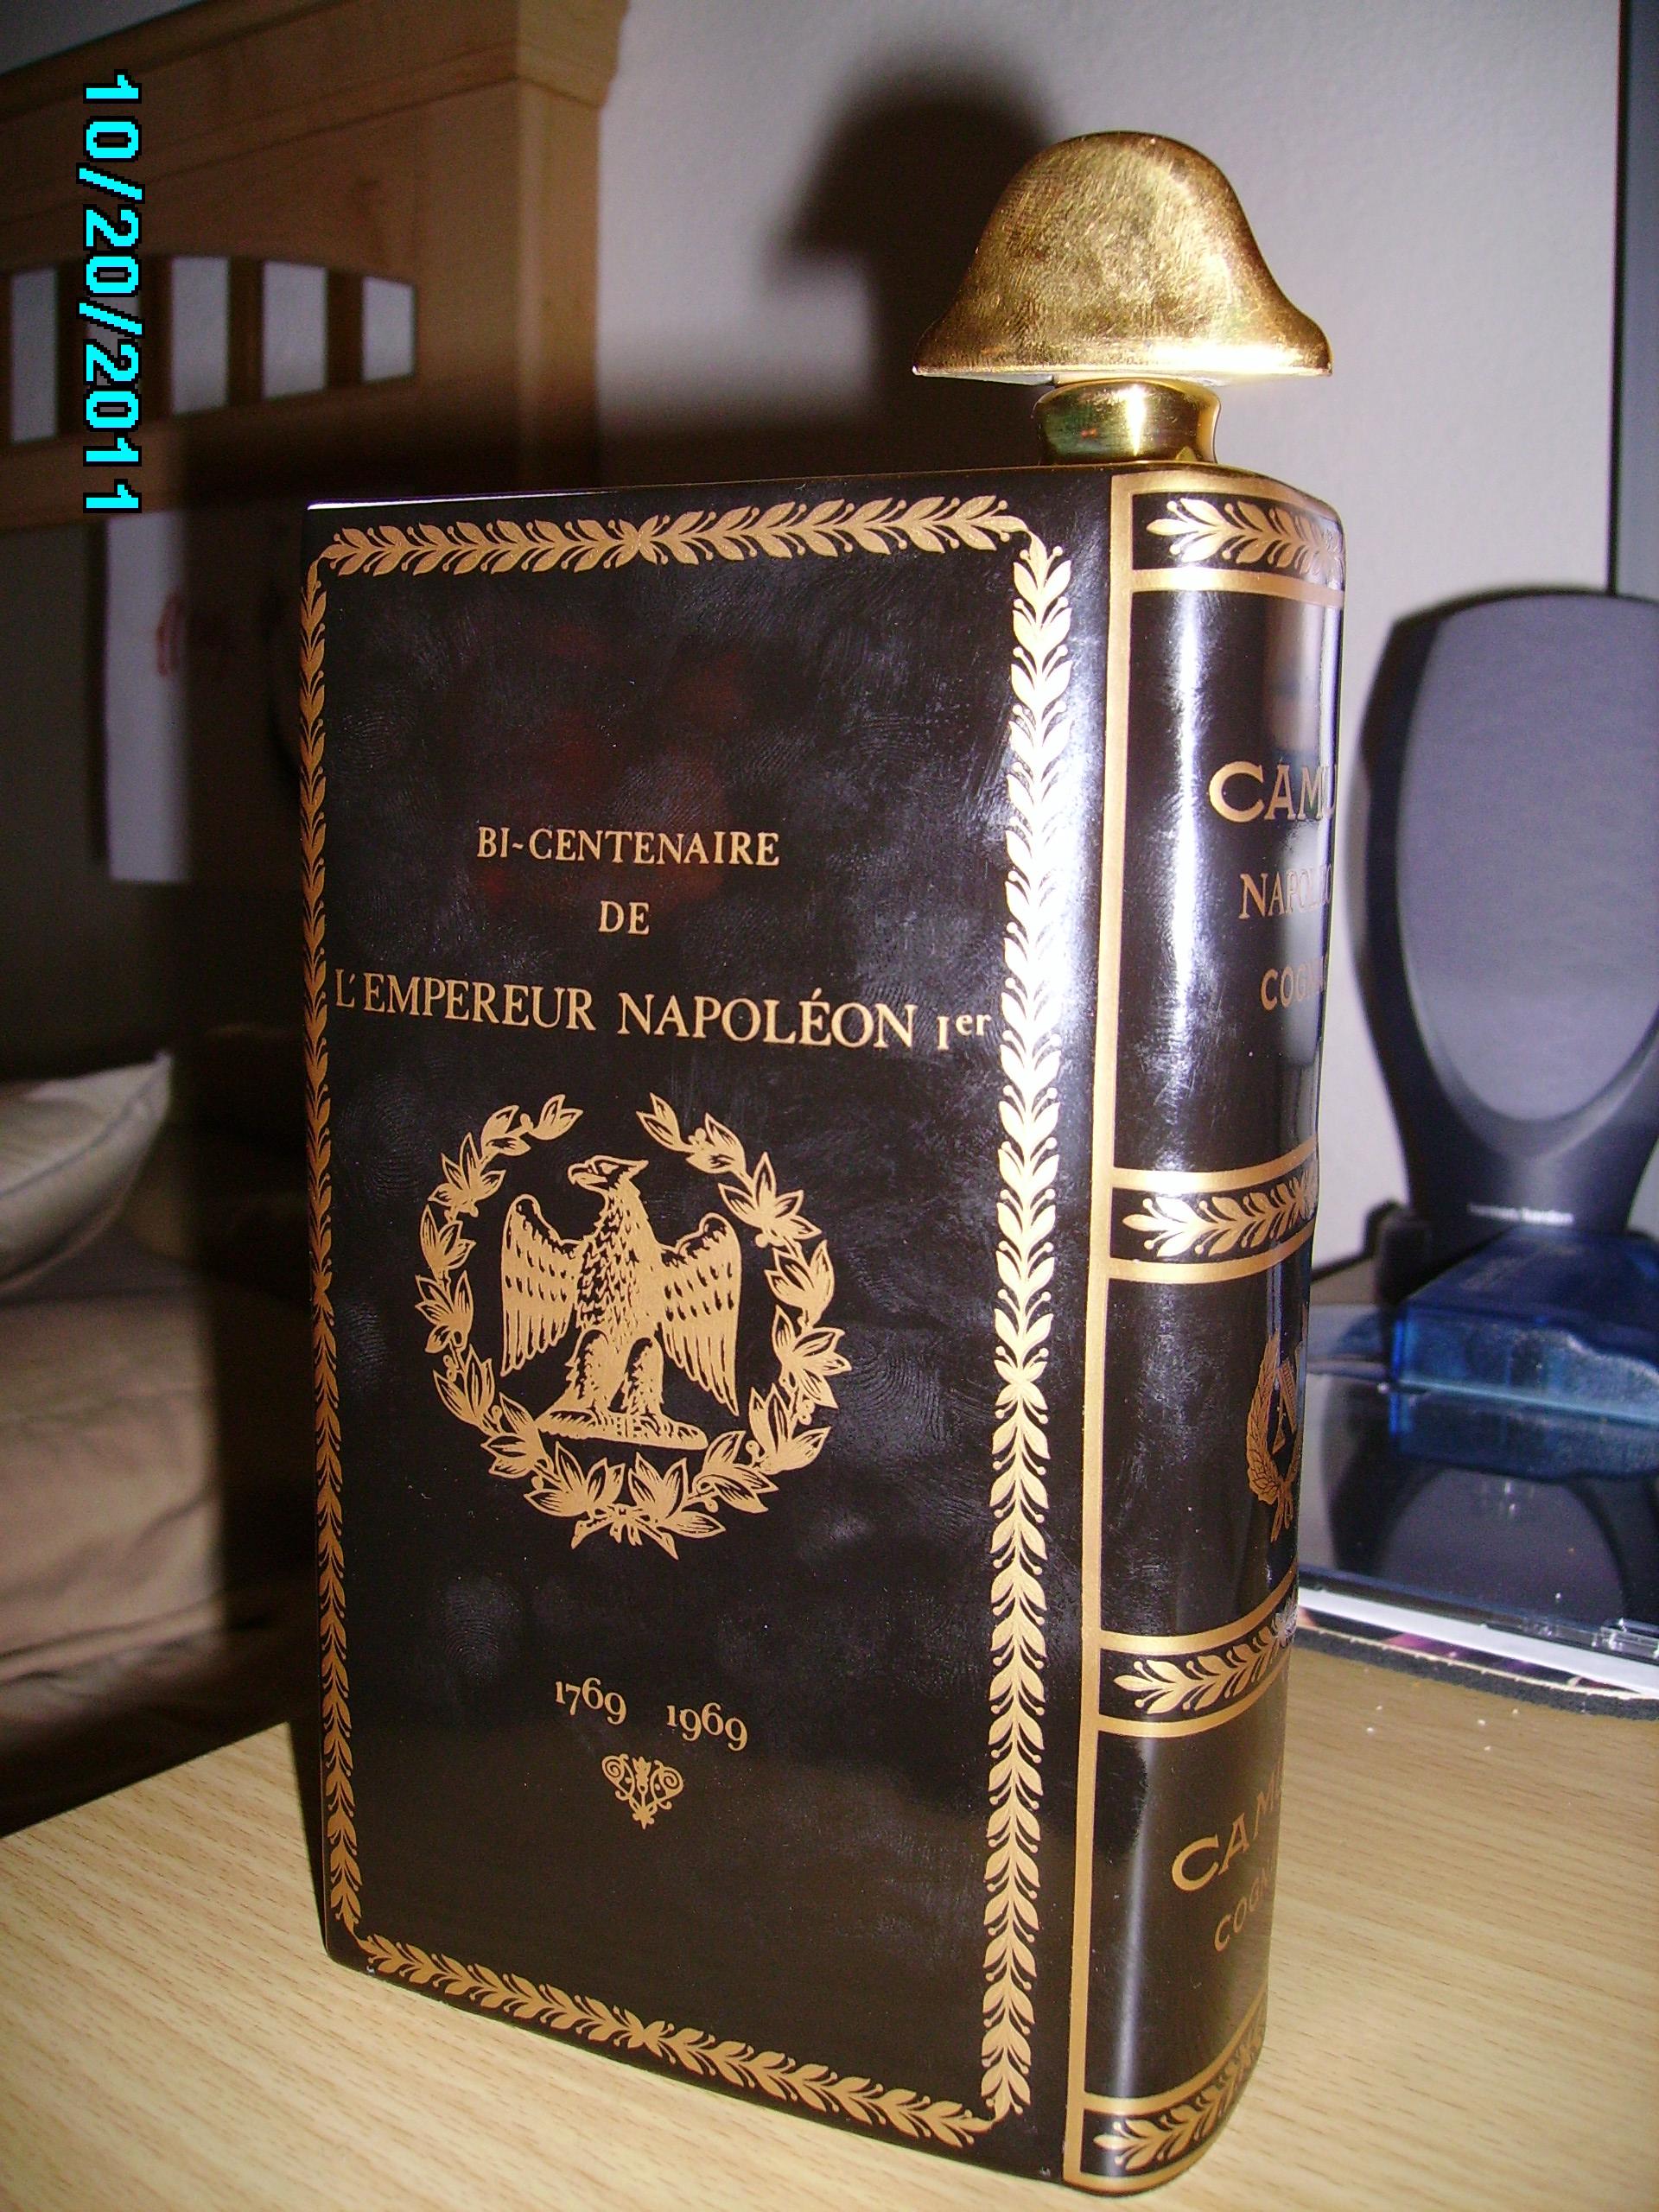 Bi- Centenaire de L'Empereur Napoleon 1er 1769-1969